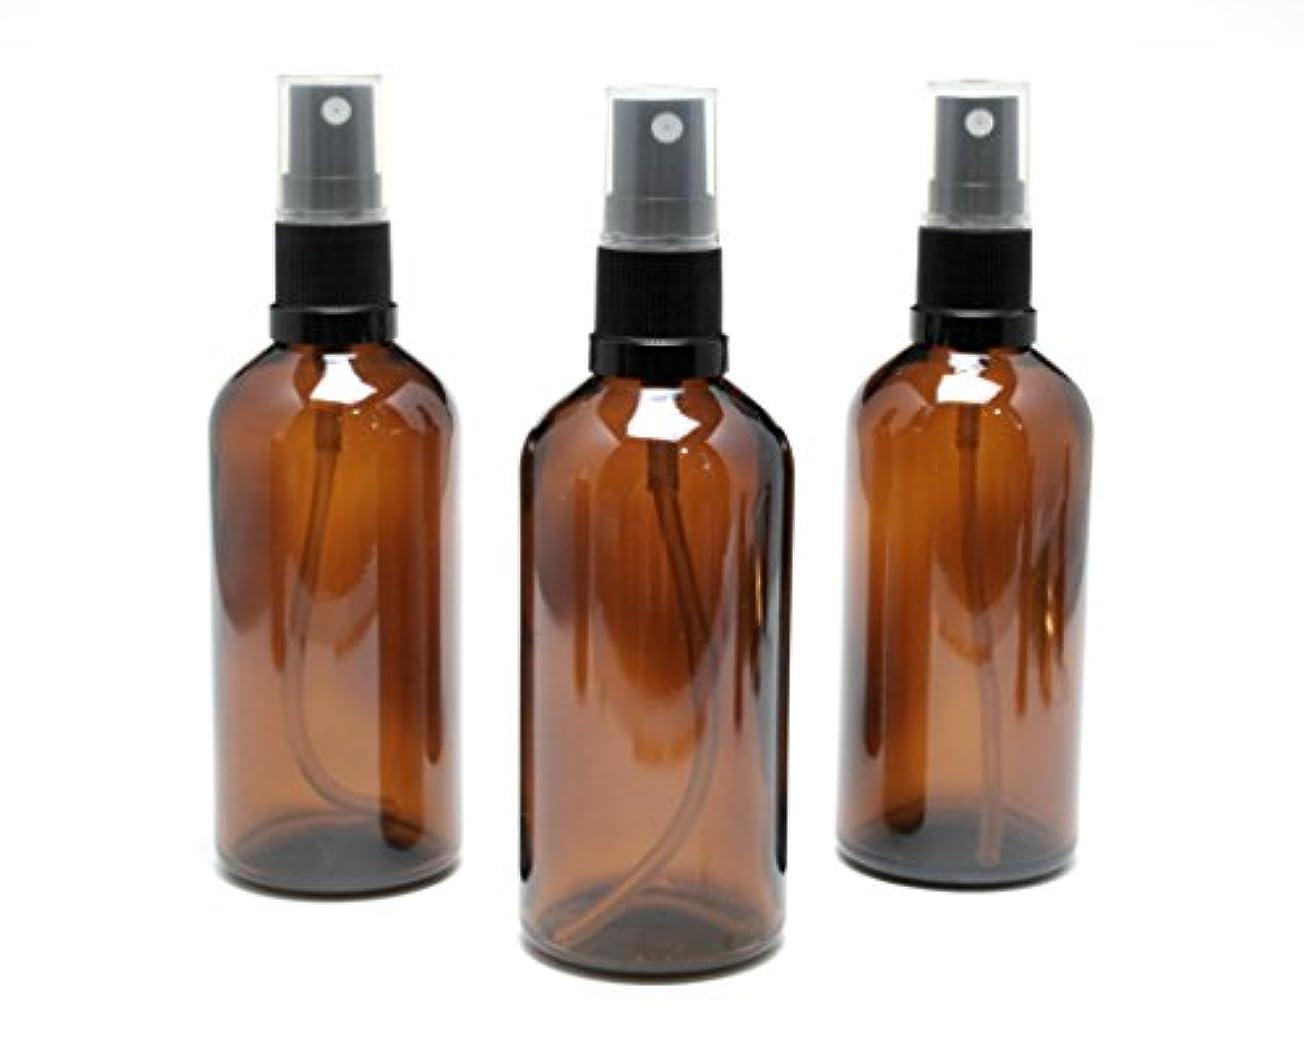 冷酷な以前は満足できる遮光瓶 スプレーボトル 100ml アンバー/ブラックヘッド(グラス/アトマイザー) 【新品アウトレット商品 】 (1) 3本セット)